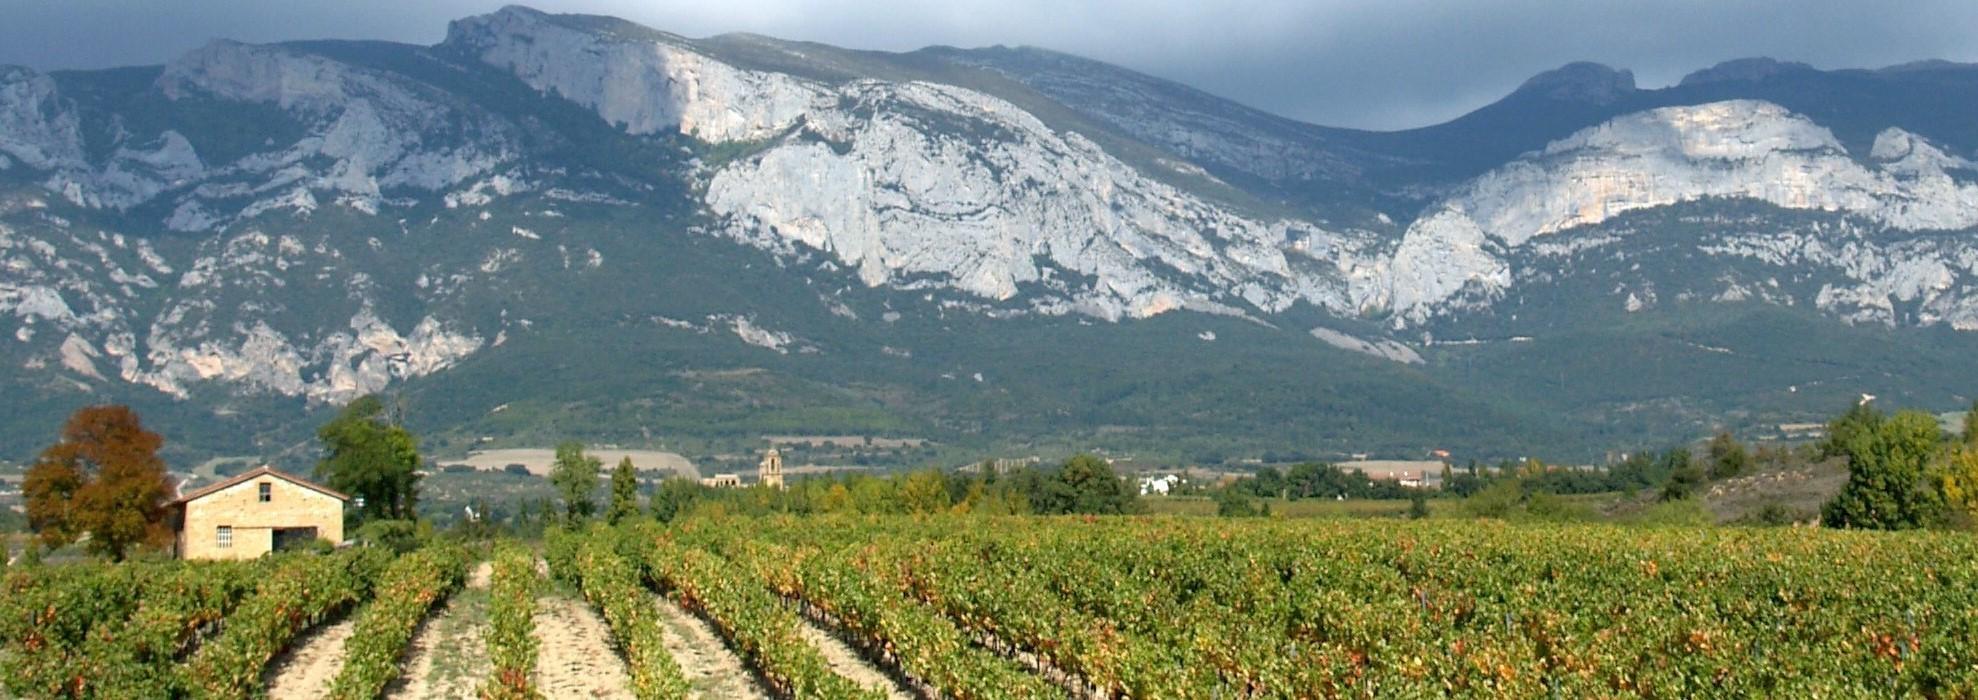 Španielsko - Rioja (4)